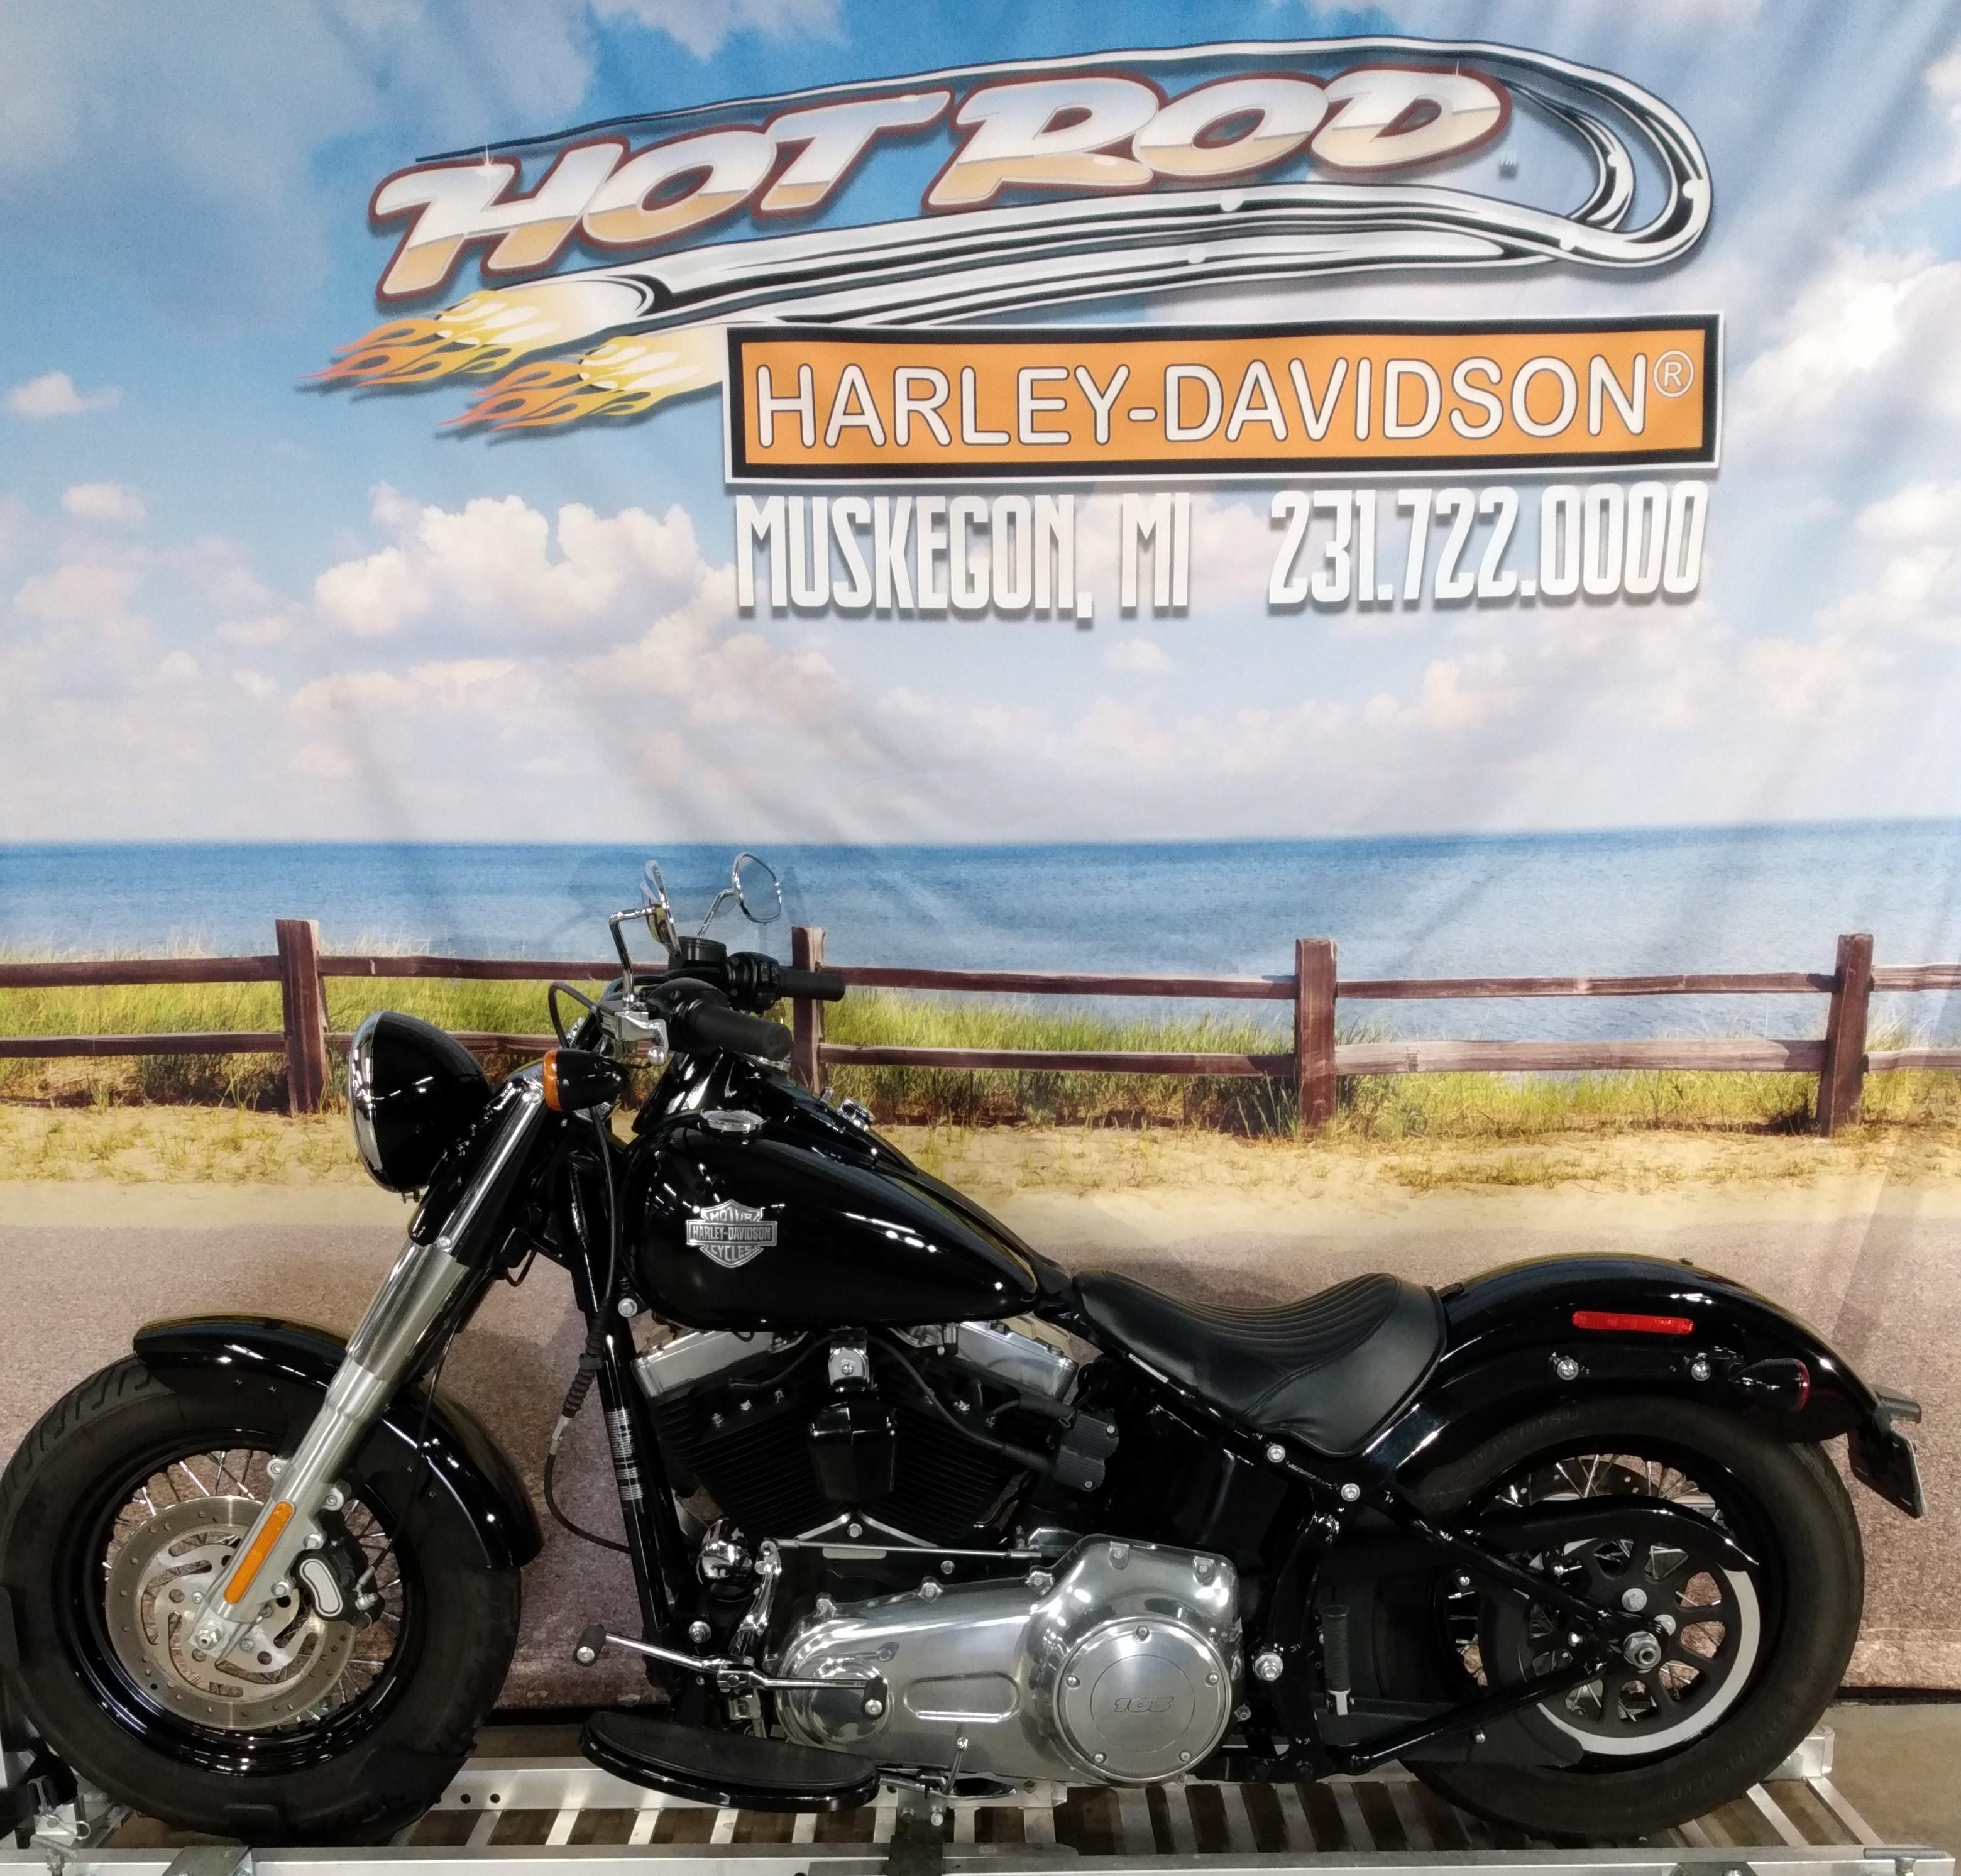 2014 Harley-Davidson Softail Slim at Hot Rod Harley-Davidson